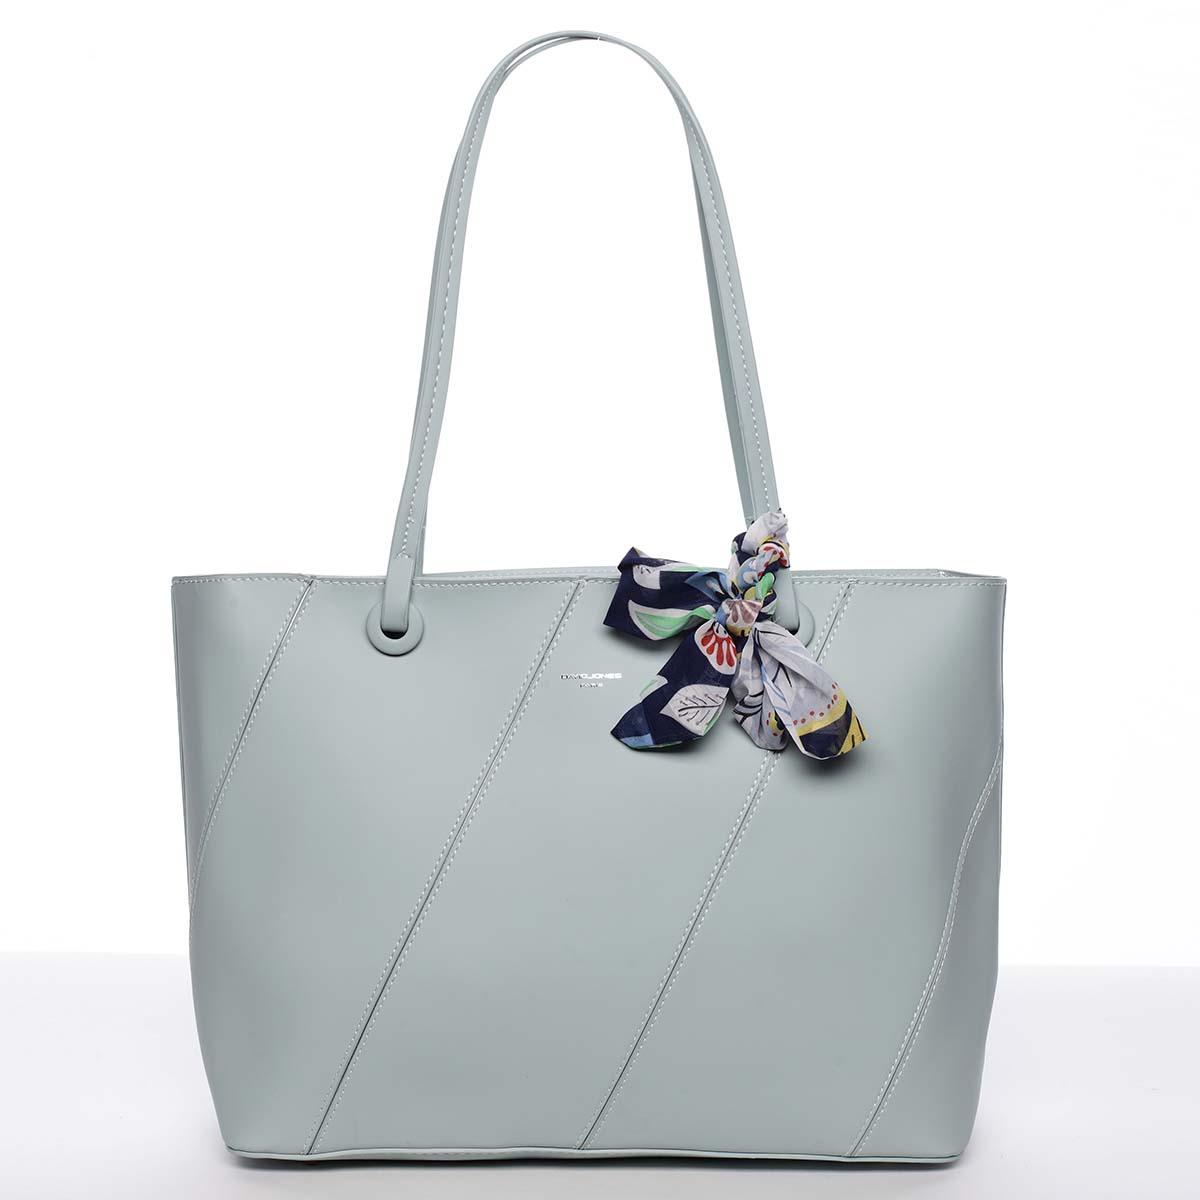 Veľká elegantná a originálna dámska mentolová kabelka cez rameno - David Jones Keiko